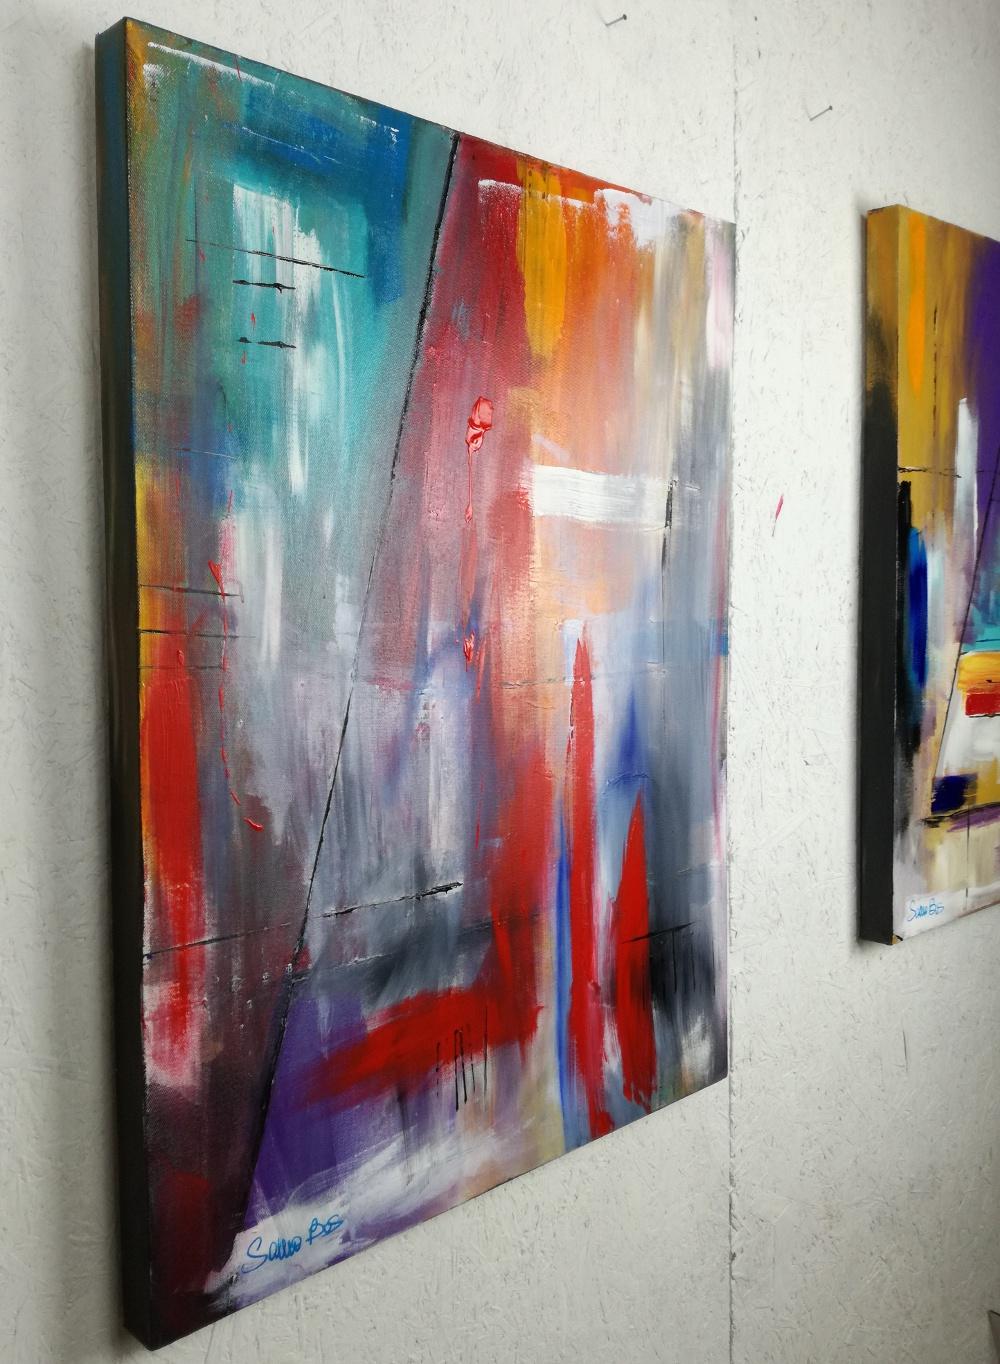 quadri astratti colorati sauro bos